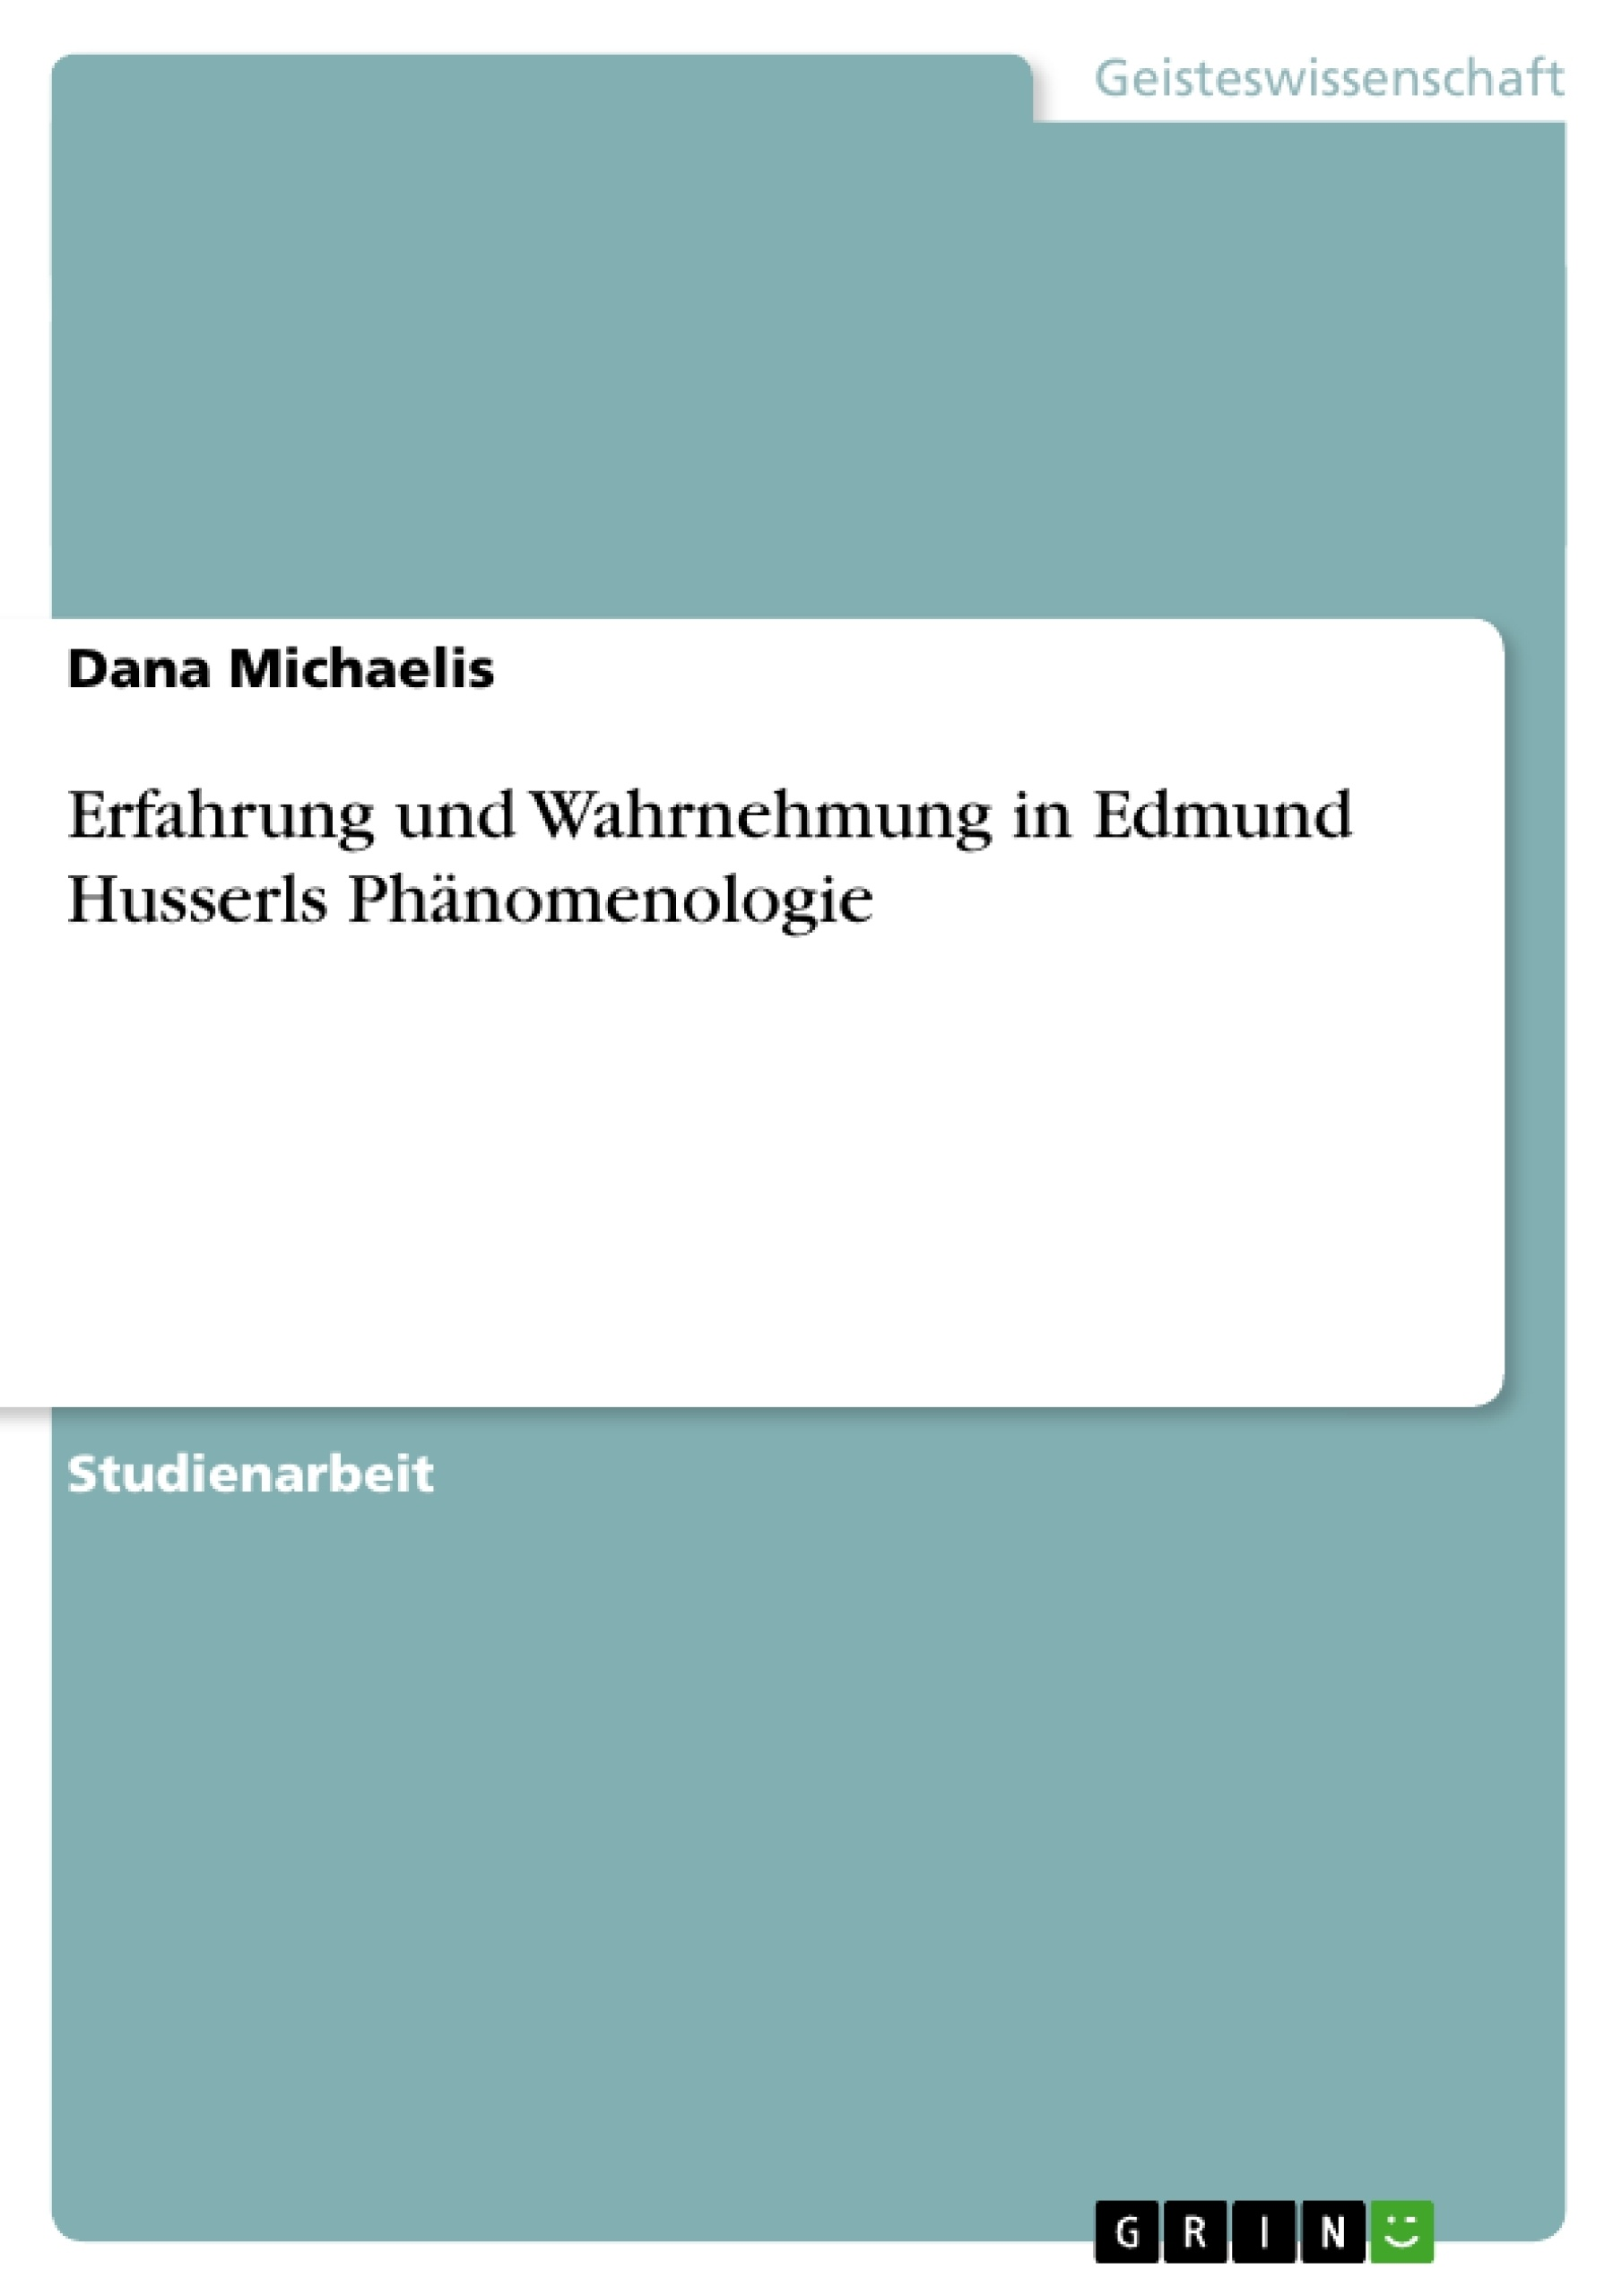 Titel: Erfahrung und Wahrnehmung in Edmund Husserls Phänomenologie